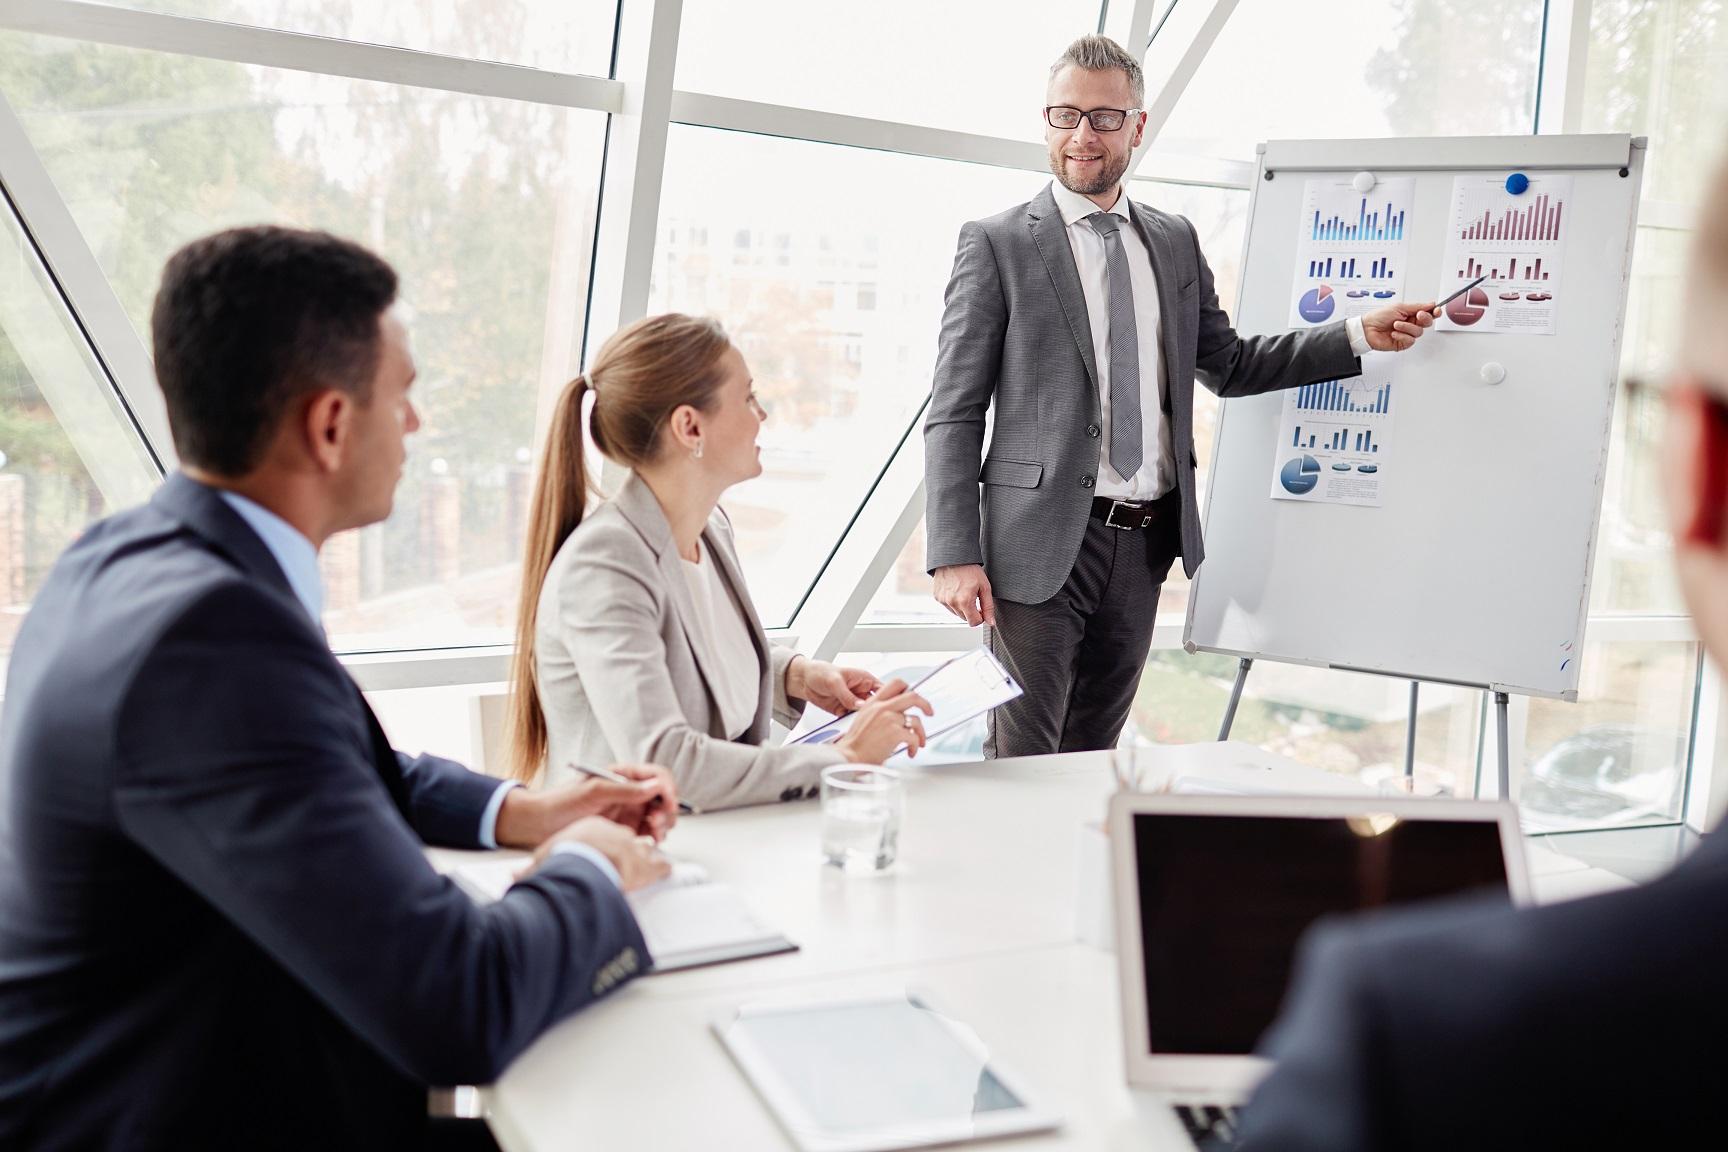 Hvordan-kan-ledere-utvikle-selgere